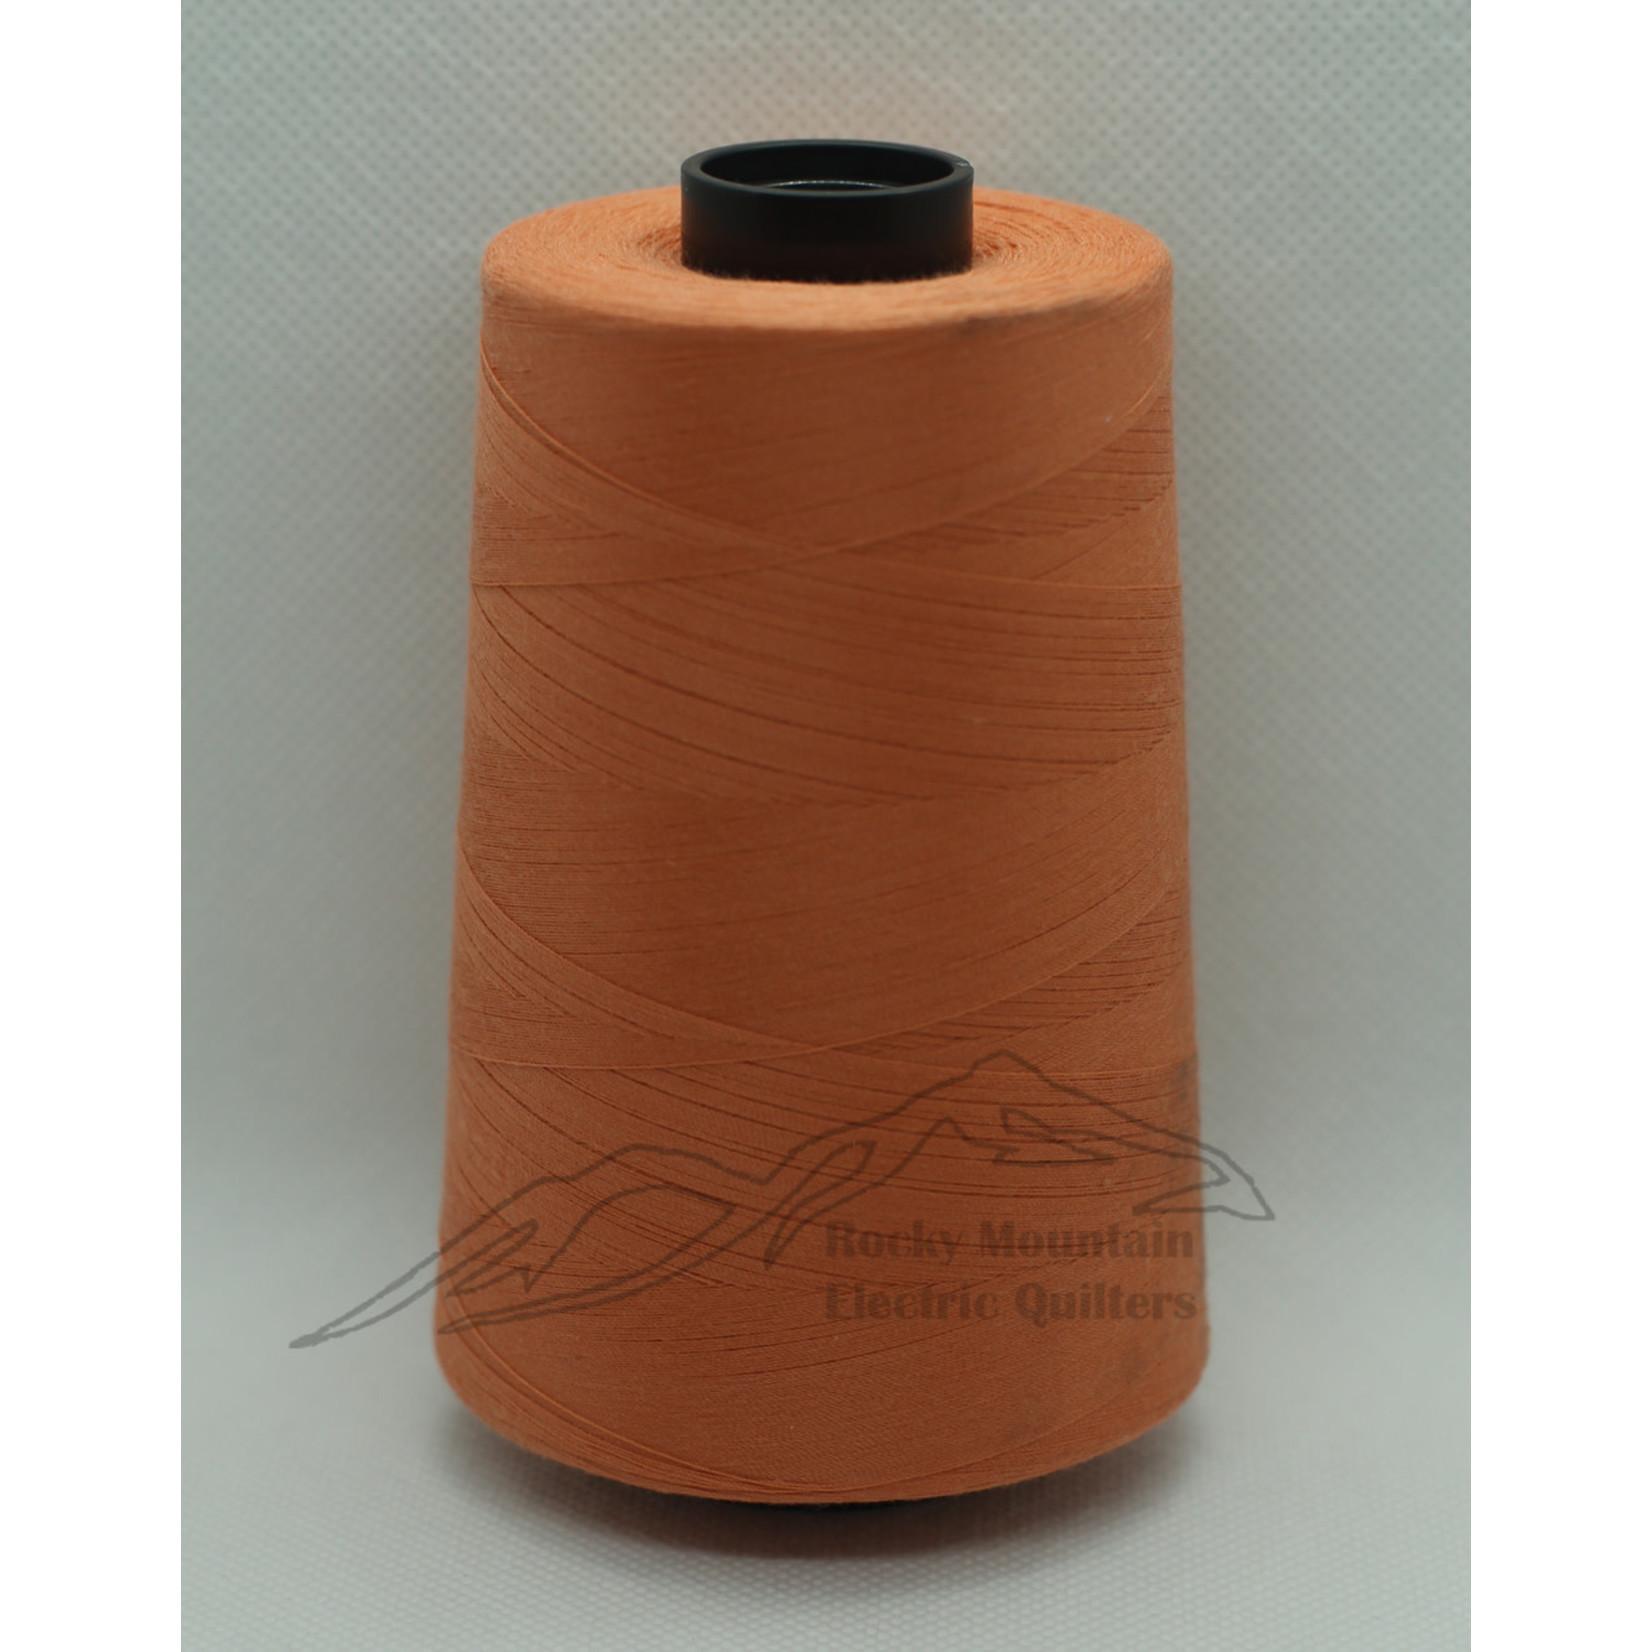 A & E 43188 Dk. Orange Flame, Permacore Tex 30